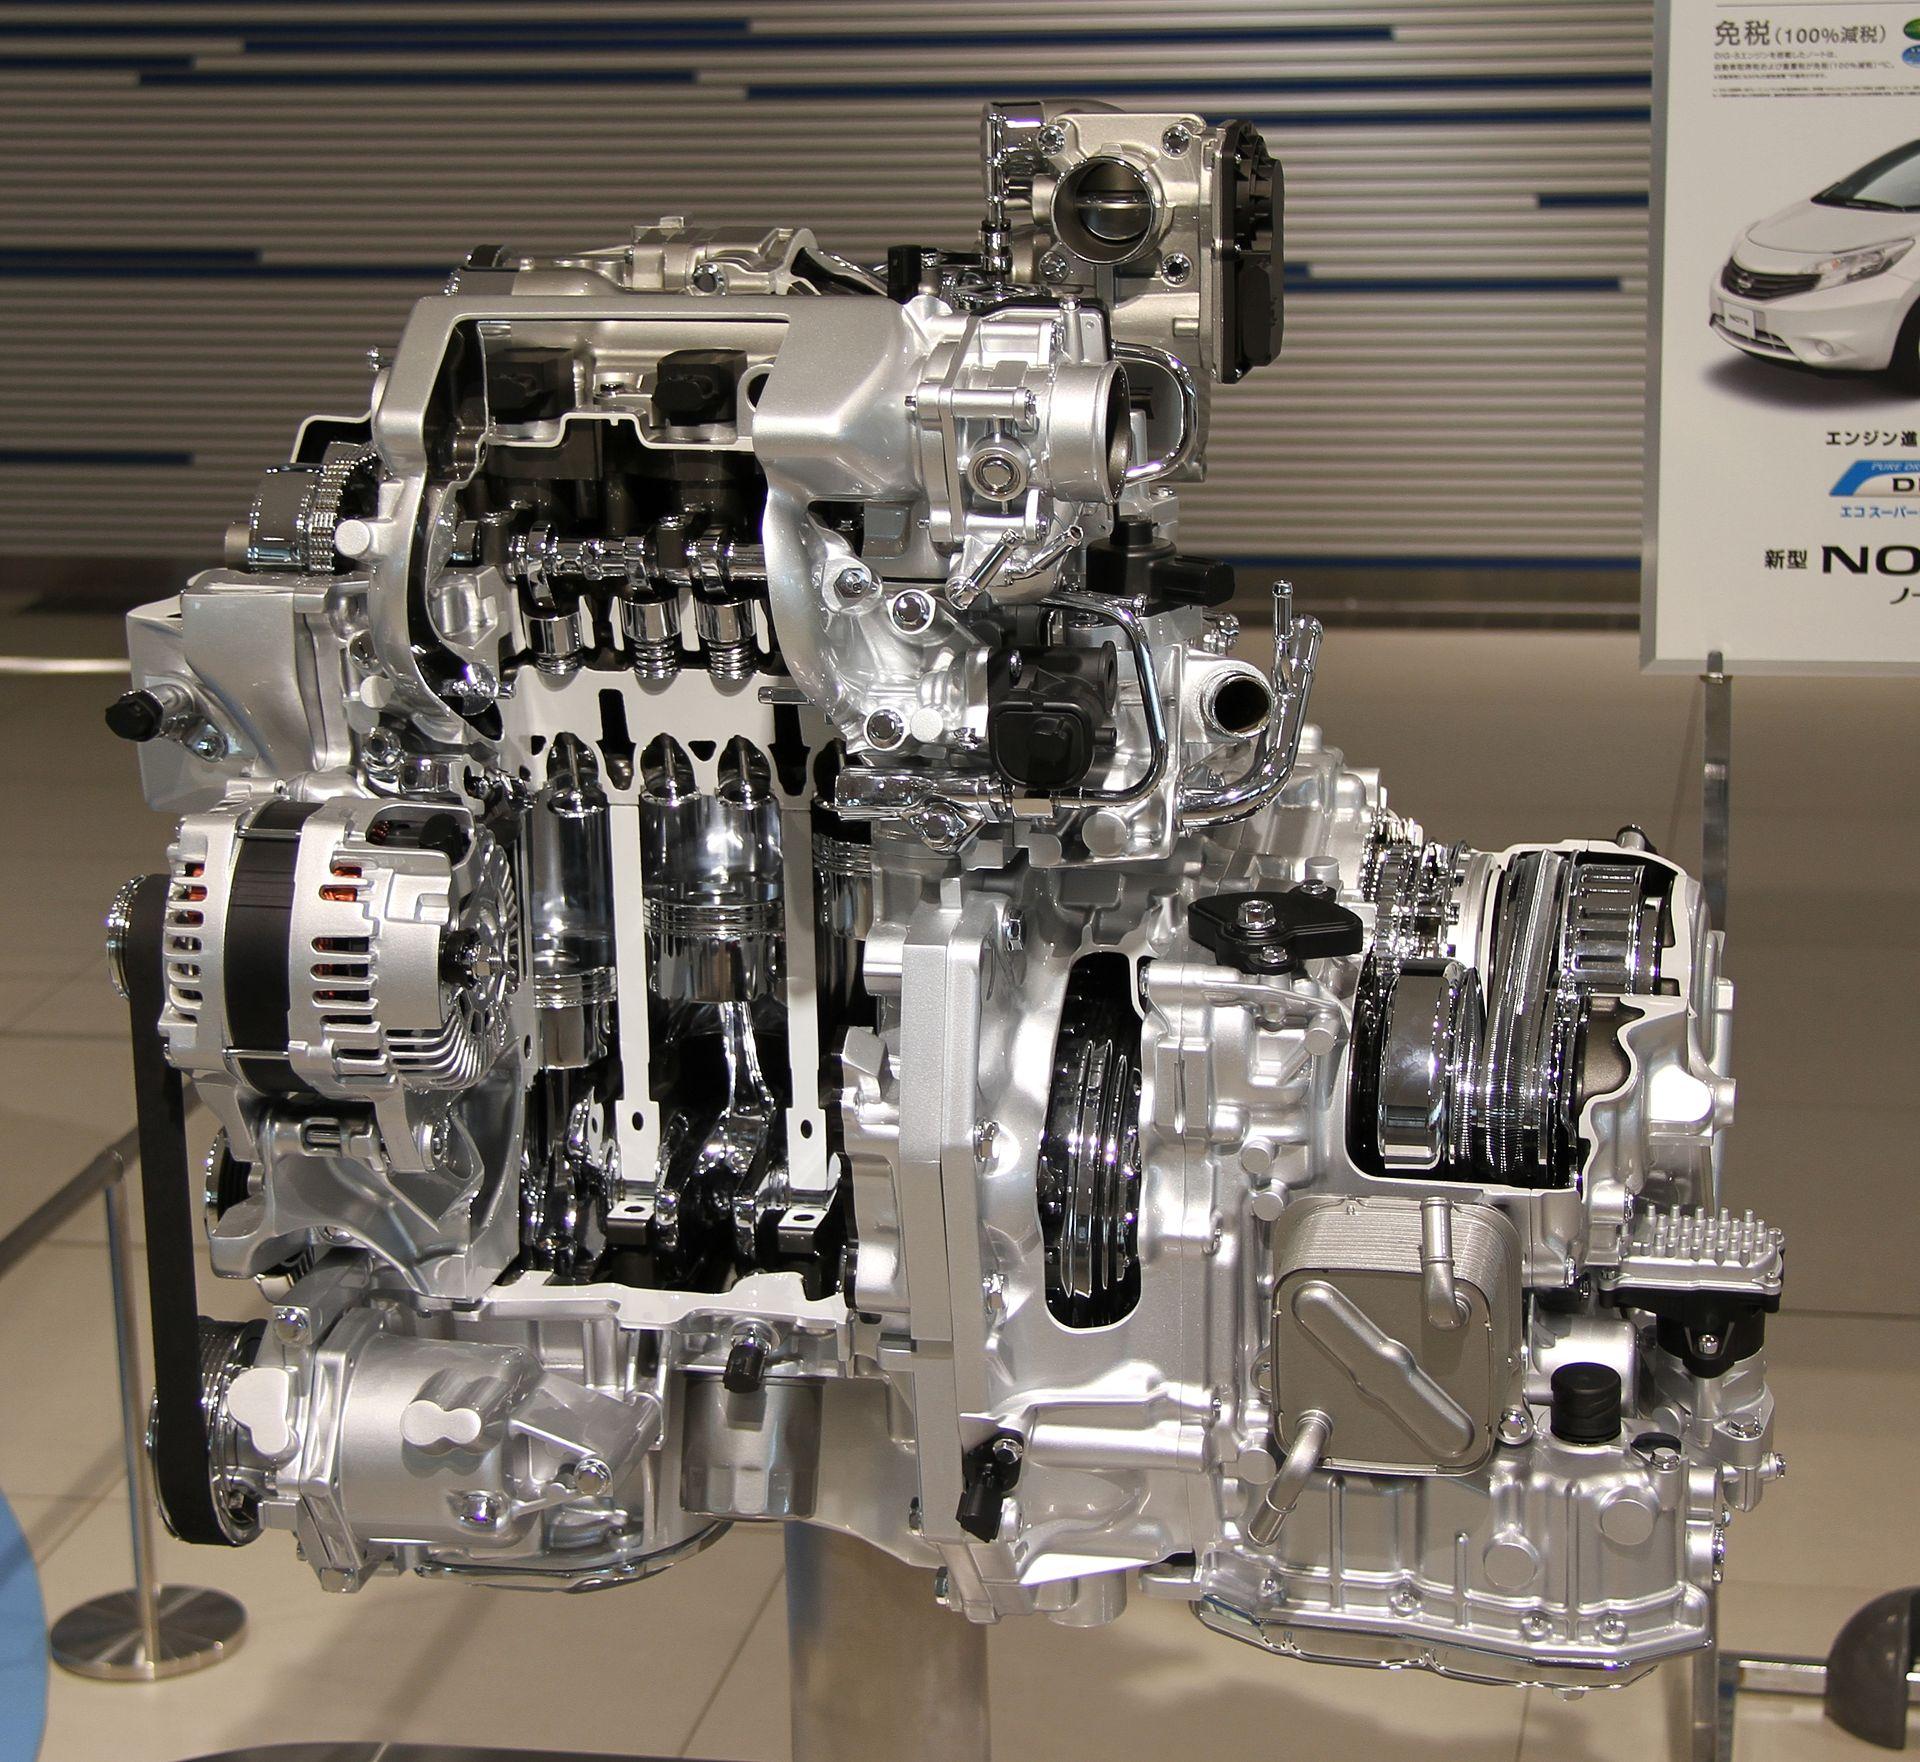 Nissan Hr Engine